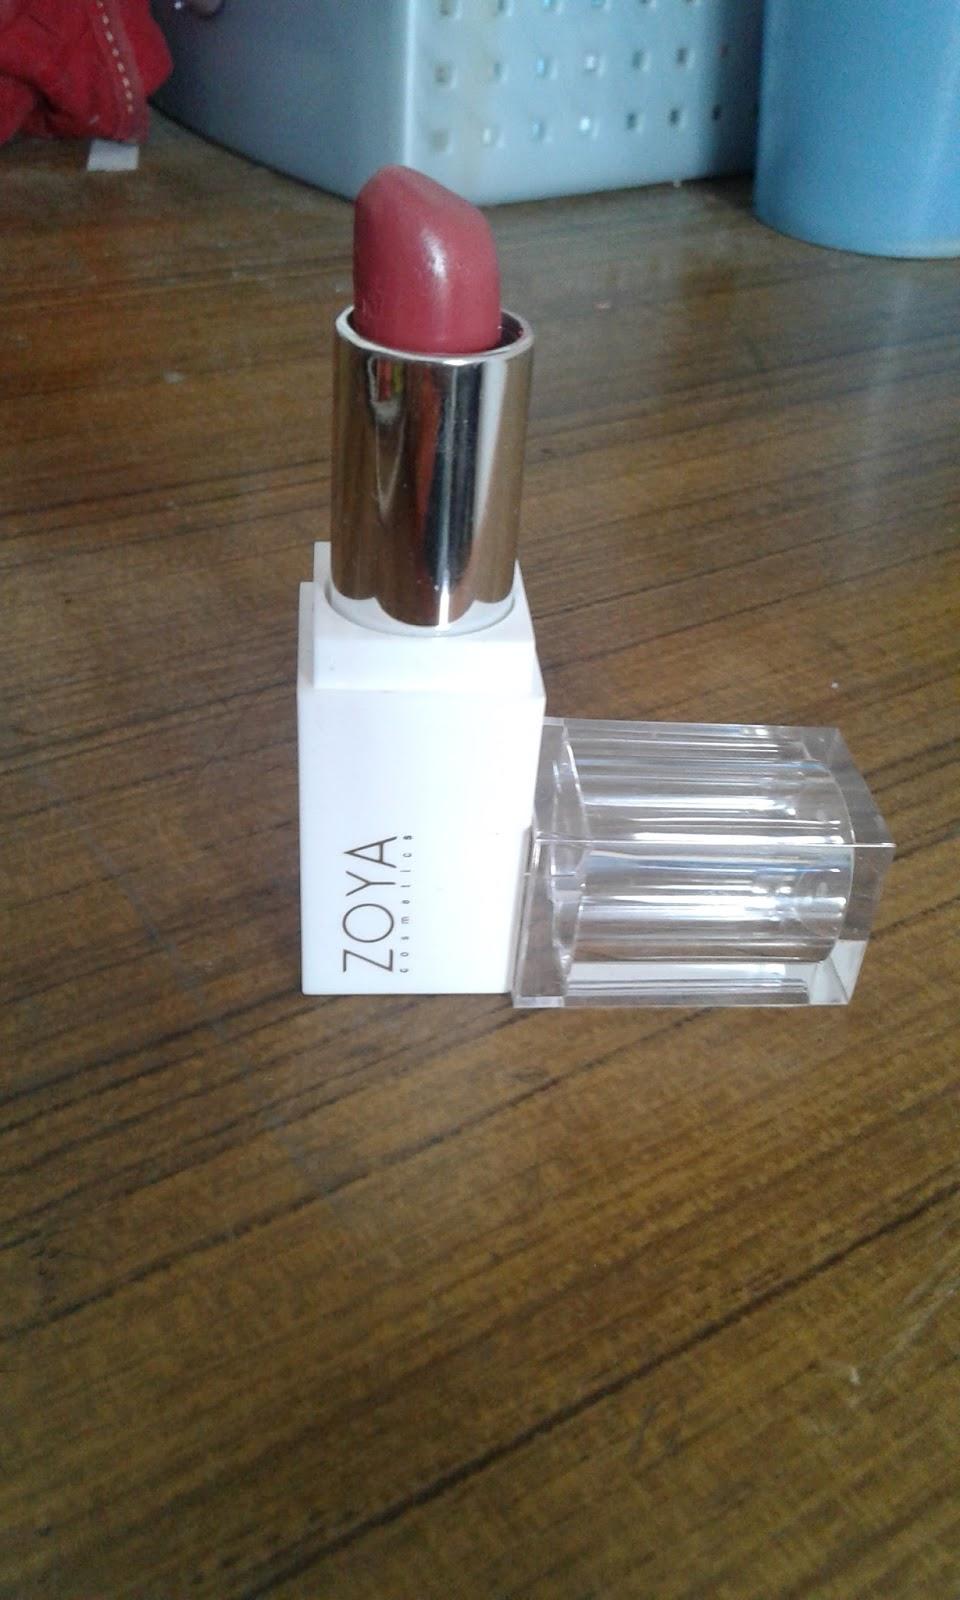 Zoya Cosmetics Ultramoisse Lip Mocca Float 03 Daftar Harga Lipstick 18 Pinnacota 321363 Apalagi Dengan Warna Putih Di Bagian Badan Wadah Juga Tutupnya Yang Transparan Makin Bikin Poin Plus